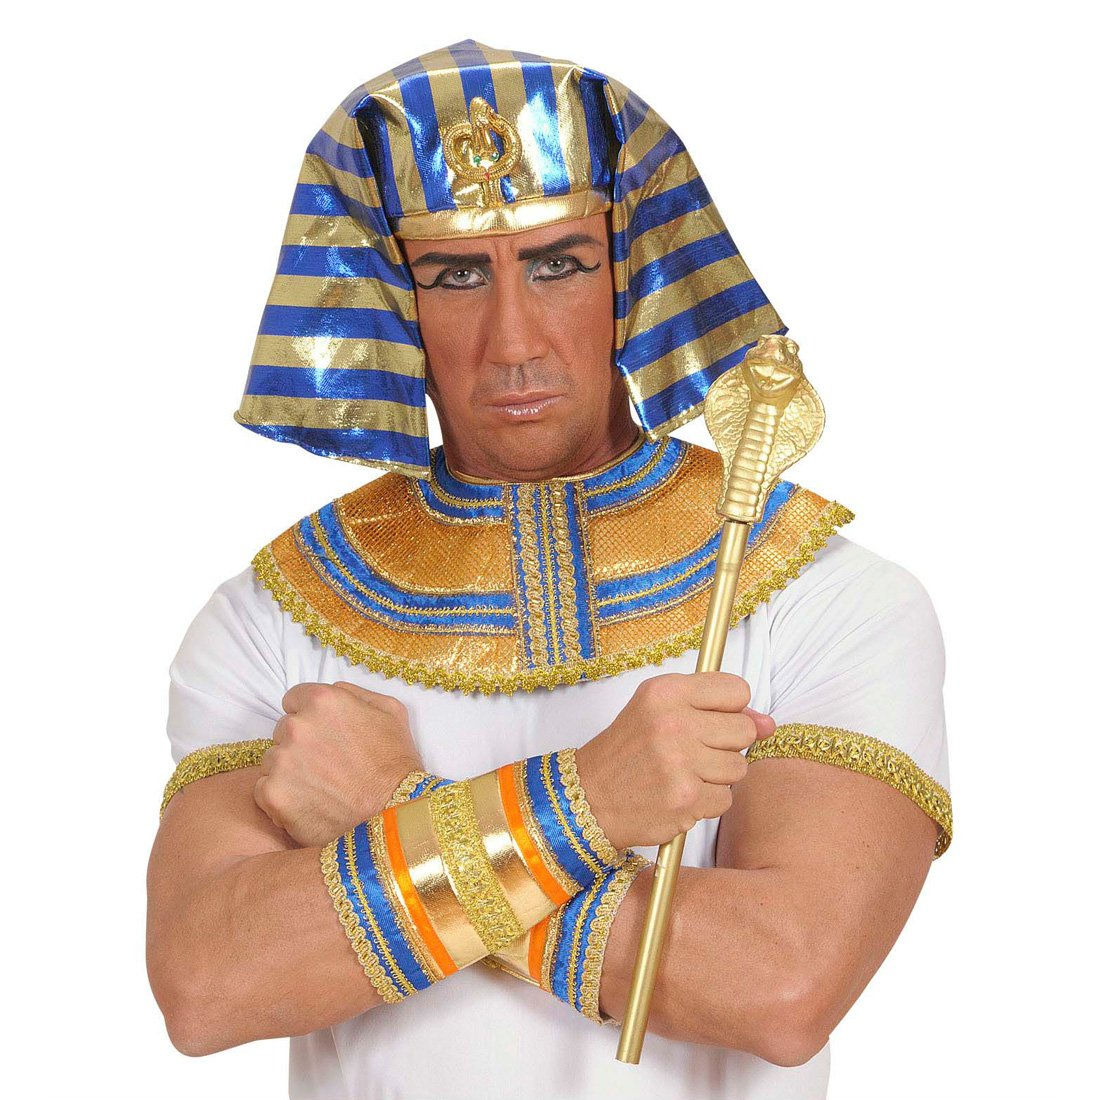 Scettro dorato da faraone re bastone simbolo dell'autorità del sovrano regina principe principessa costume - lunghezza 48 cm NET TOYS